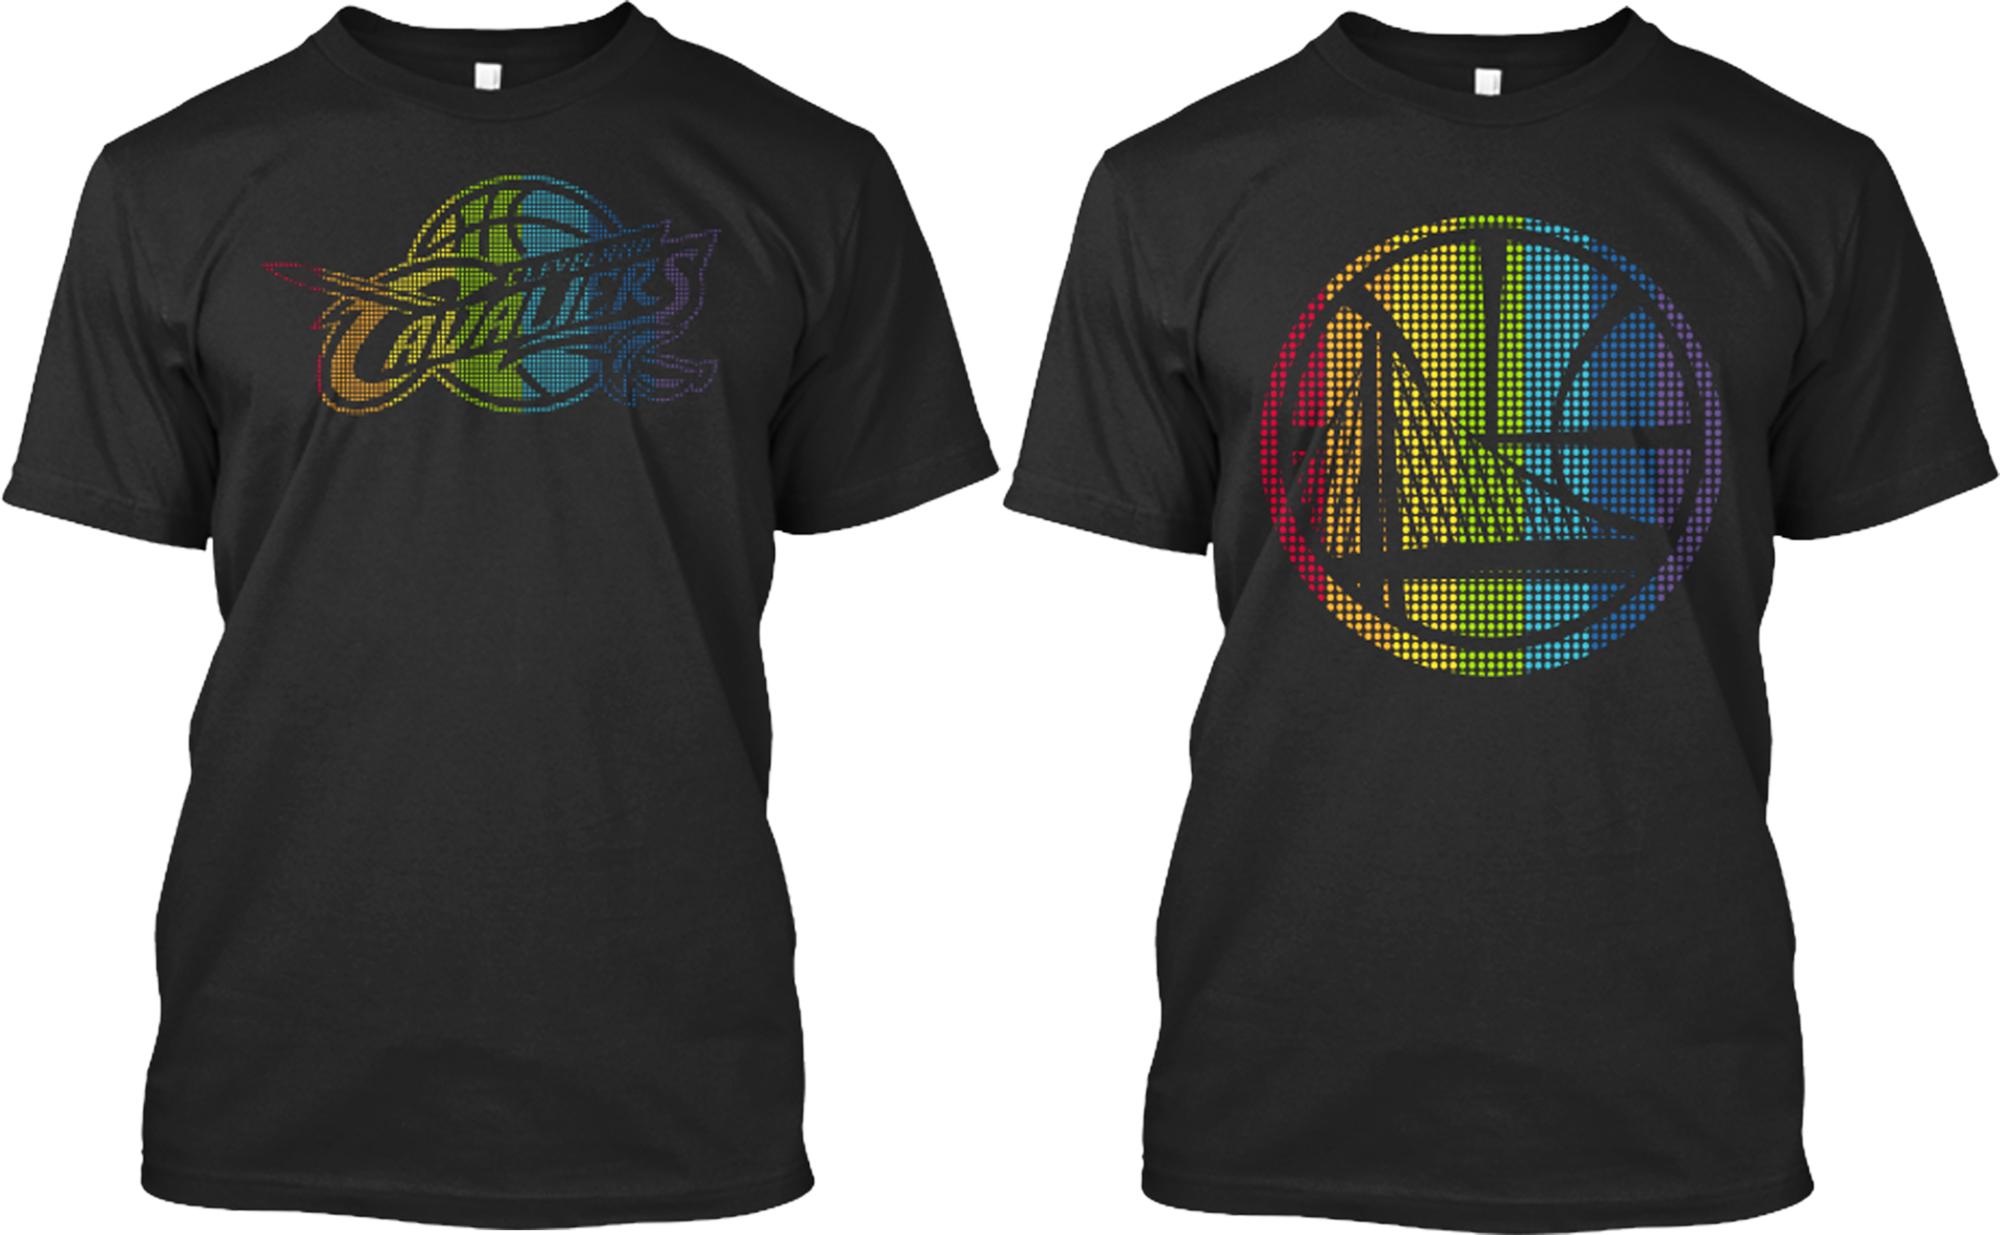 Los equipos de baloncesto profesional apoyan los derechos for Nba basketball t shirts